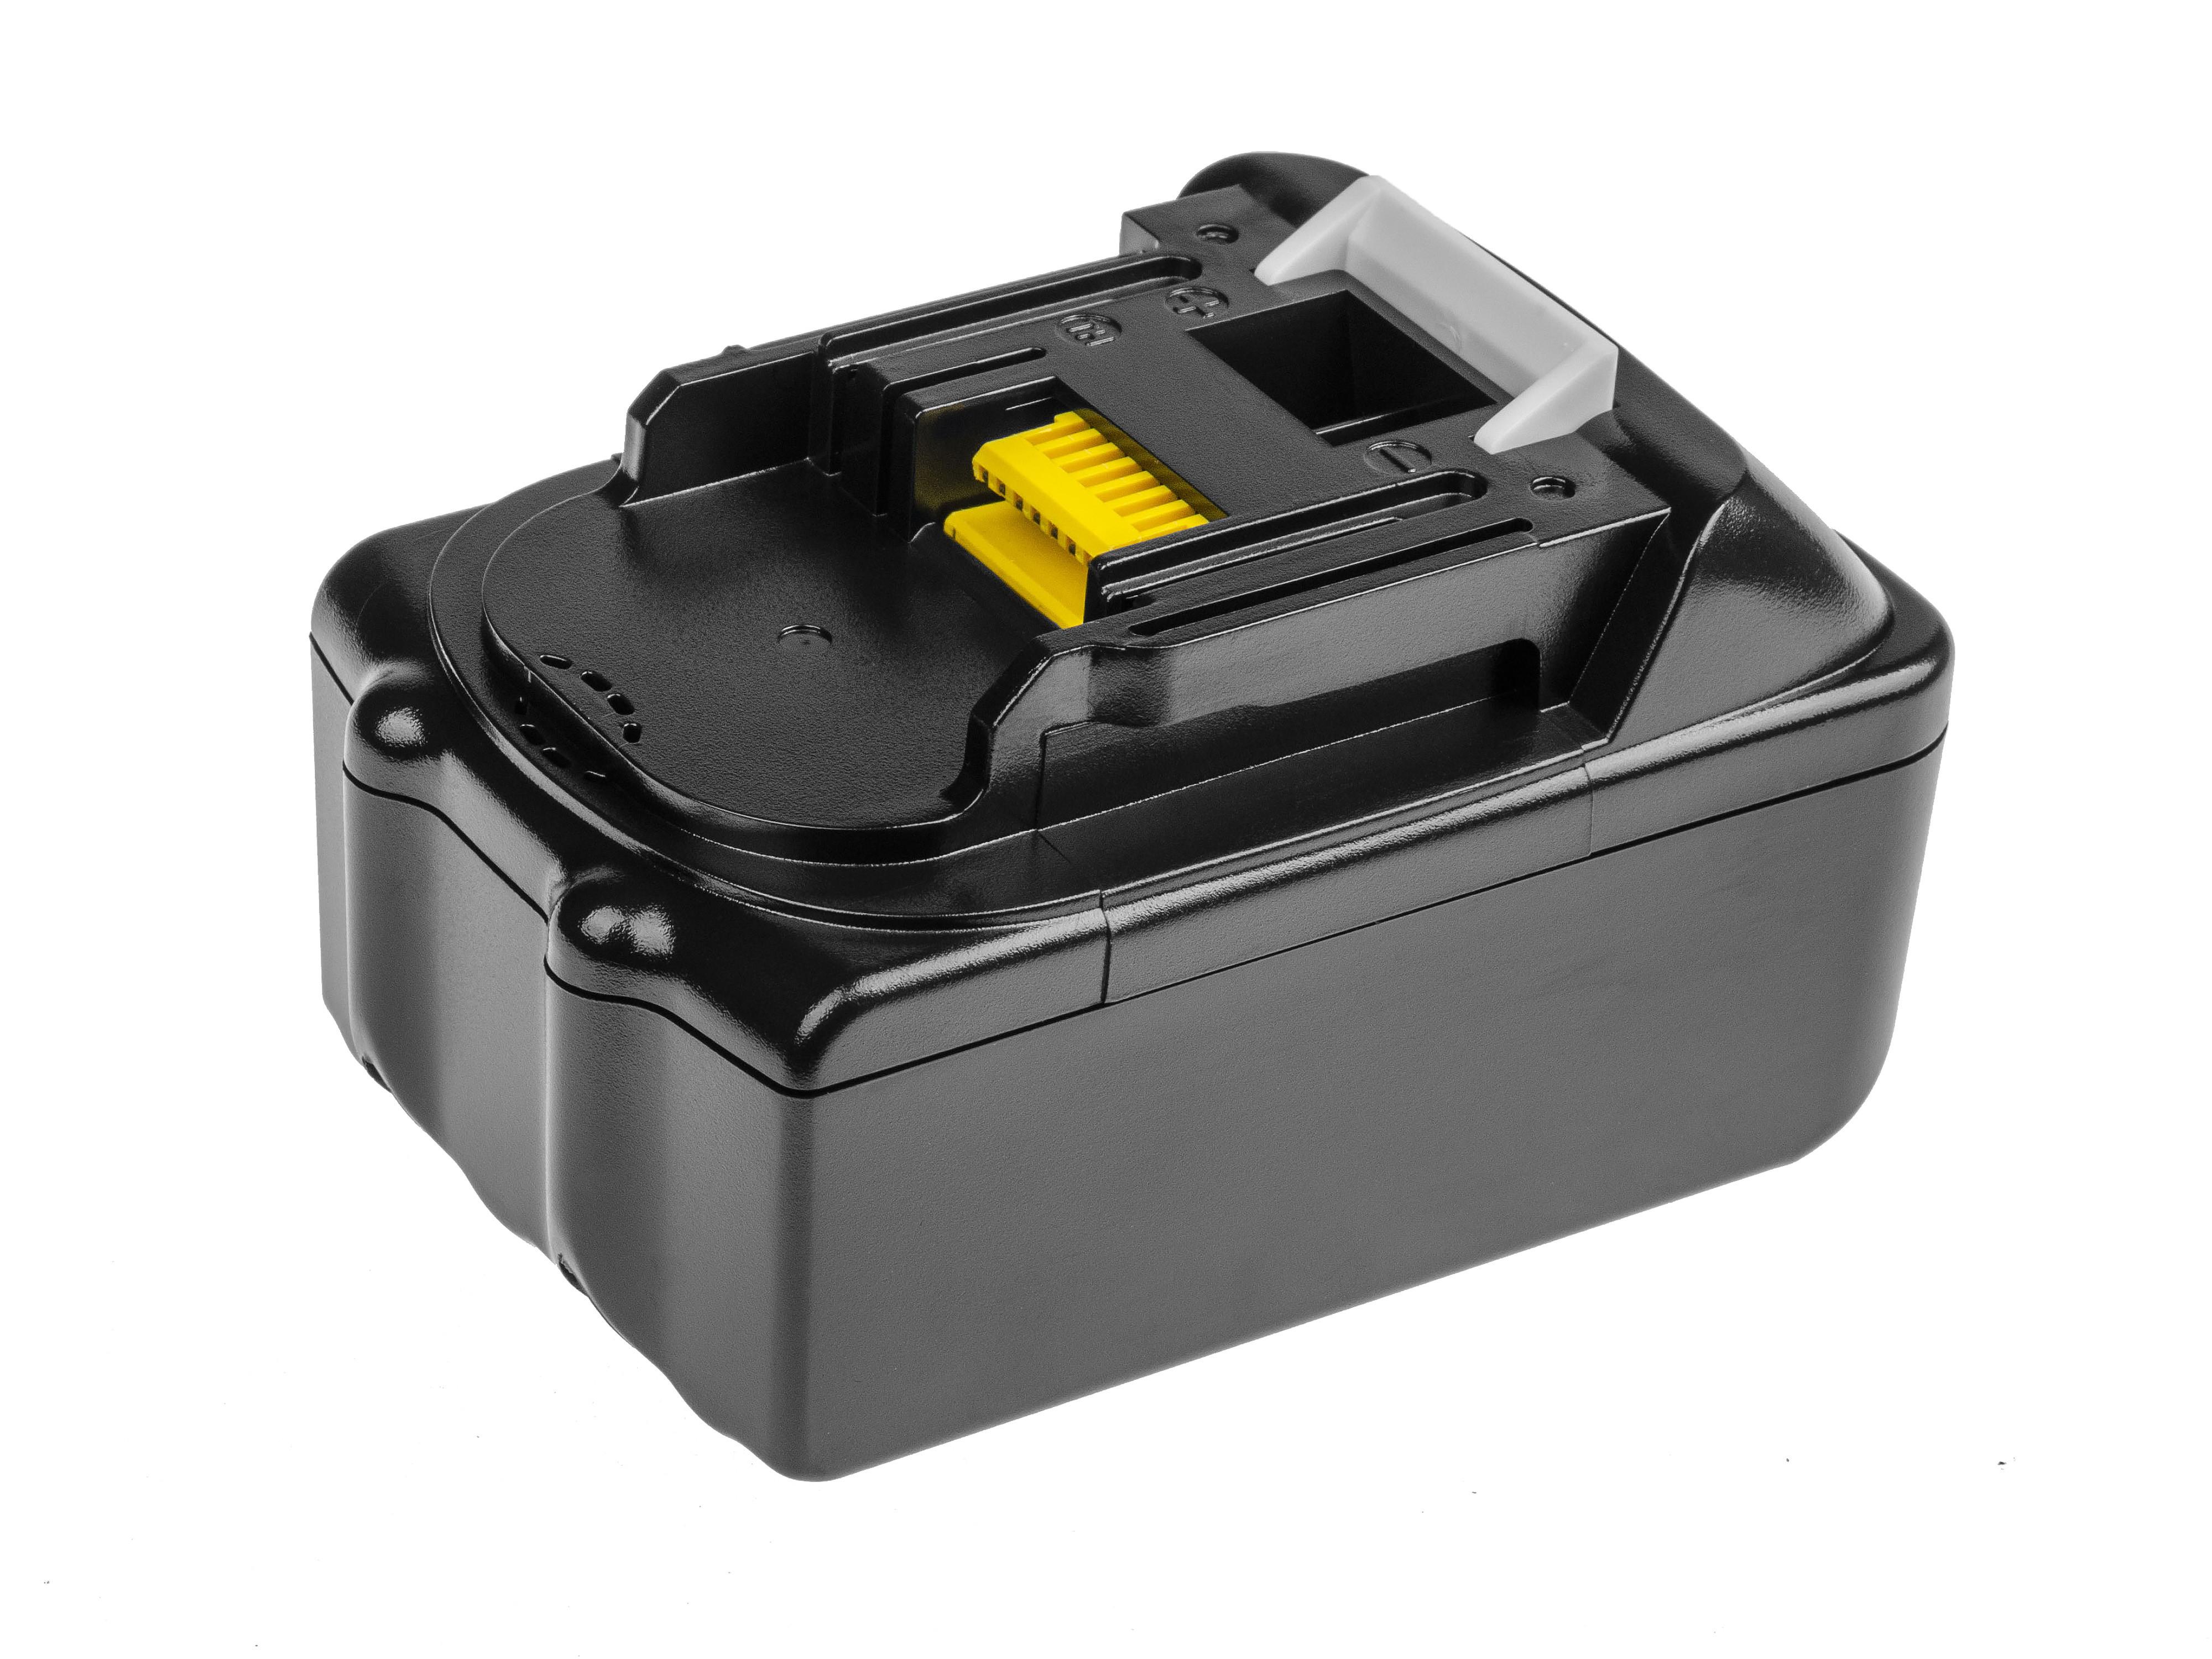 Baterie Green Cell Makita BL1830 BDF450SFE BTL061RF BTW450RFE 18V 3000mAh Li-ion - neoriginální